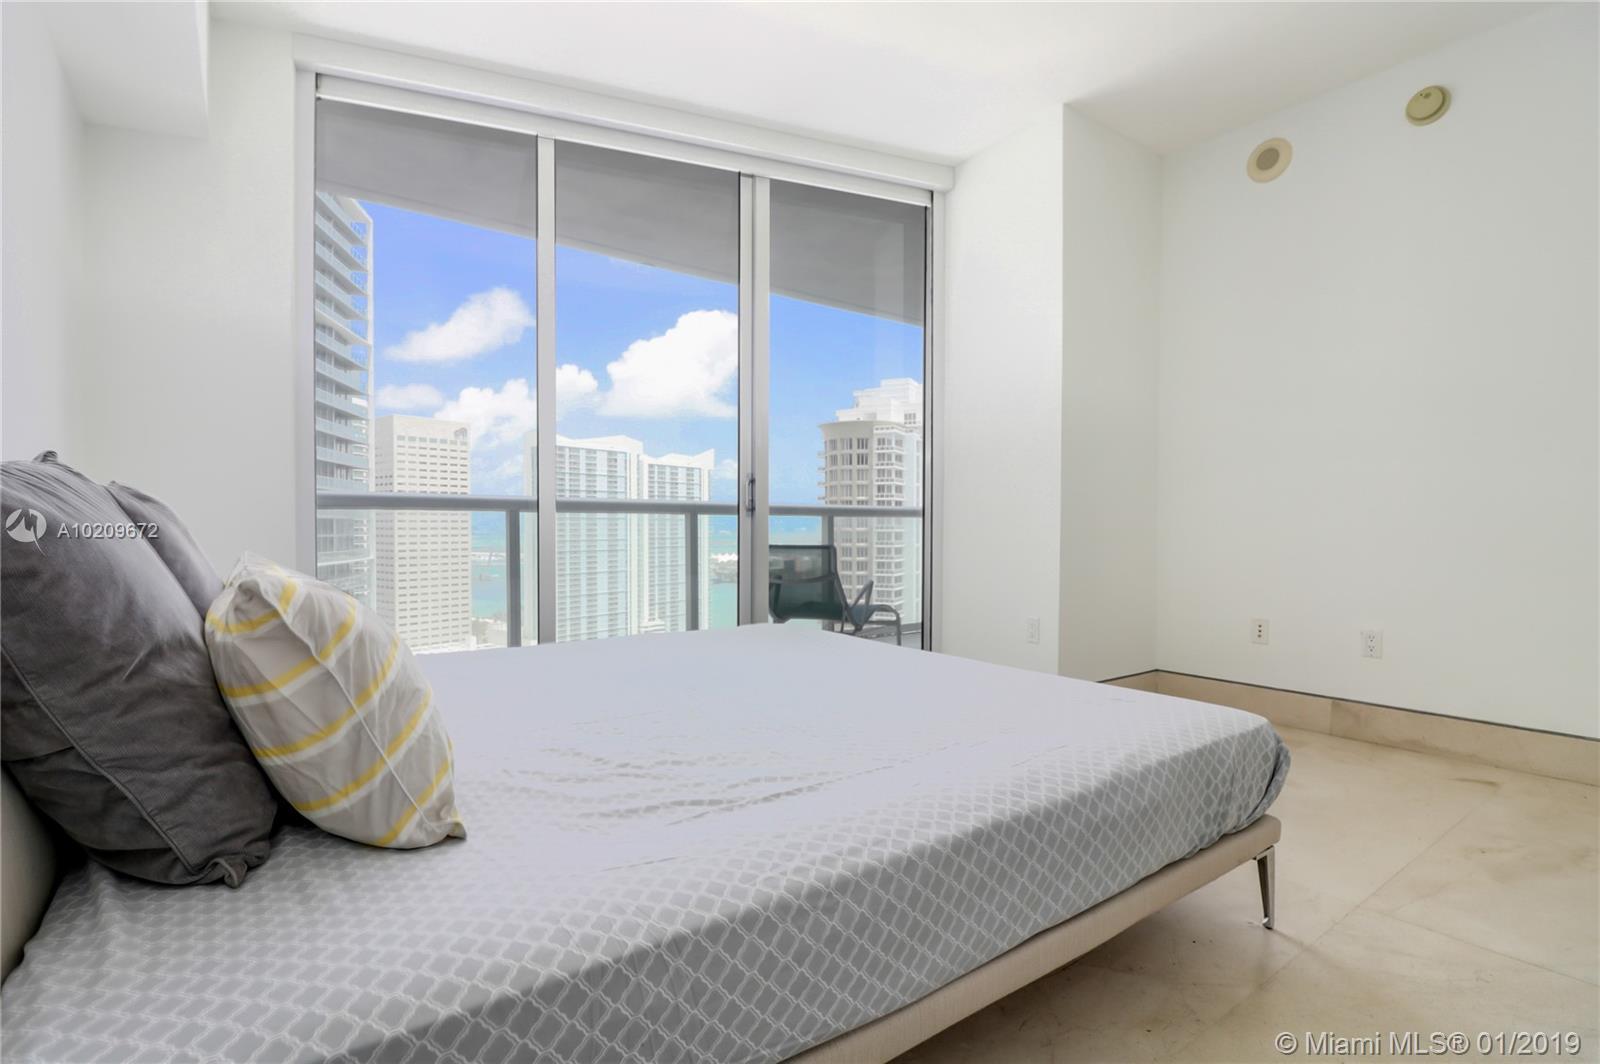 495 Brickell Ave, Miami, FL 33131, Icon Brickell II #2904, Brickell, Miami A10209672 image #17